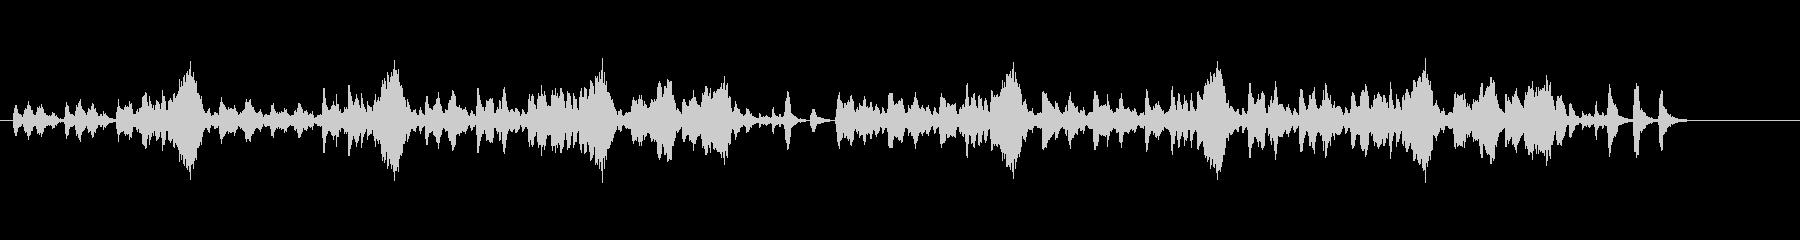 【クラシック】陽気でコミカルなクラシックの未再生の波形